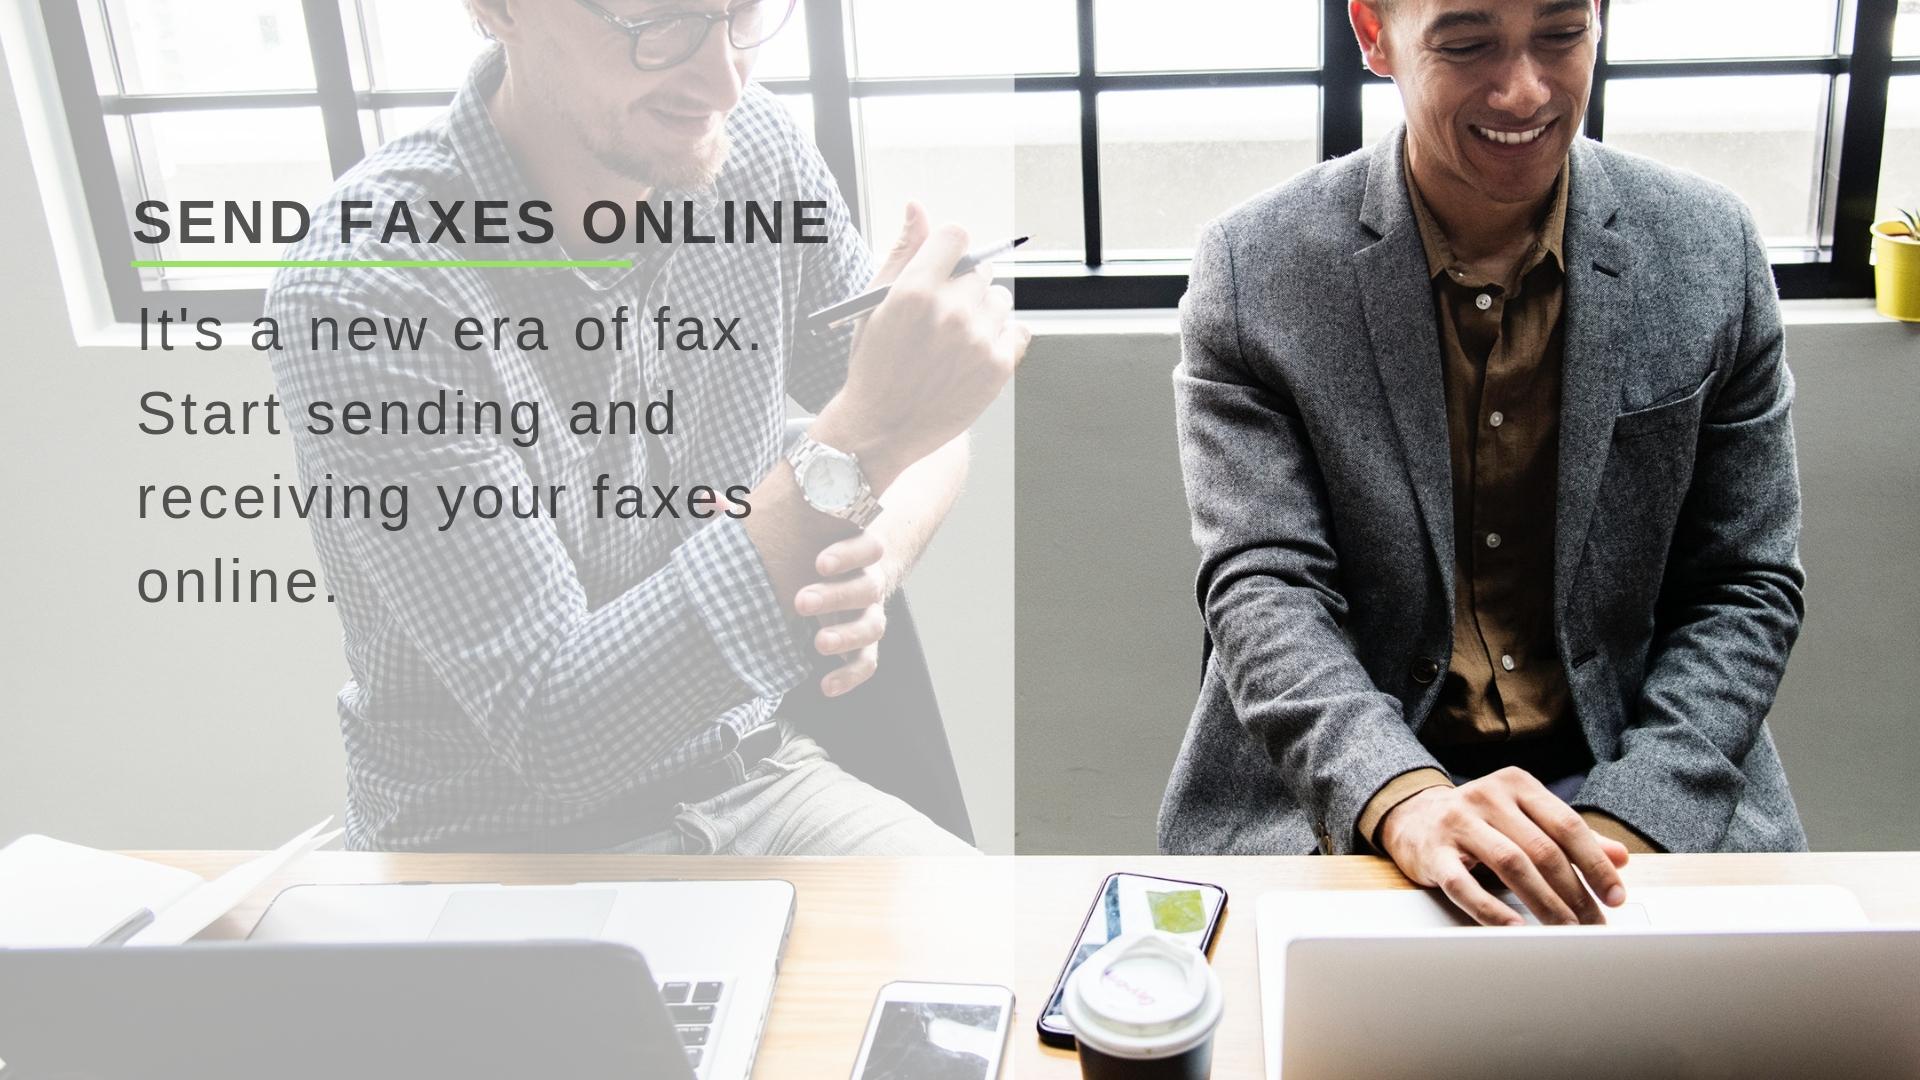 start-sending-faxes-online-using-gofax